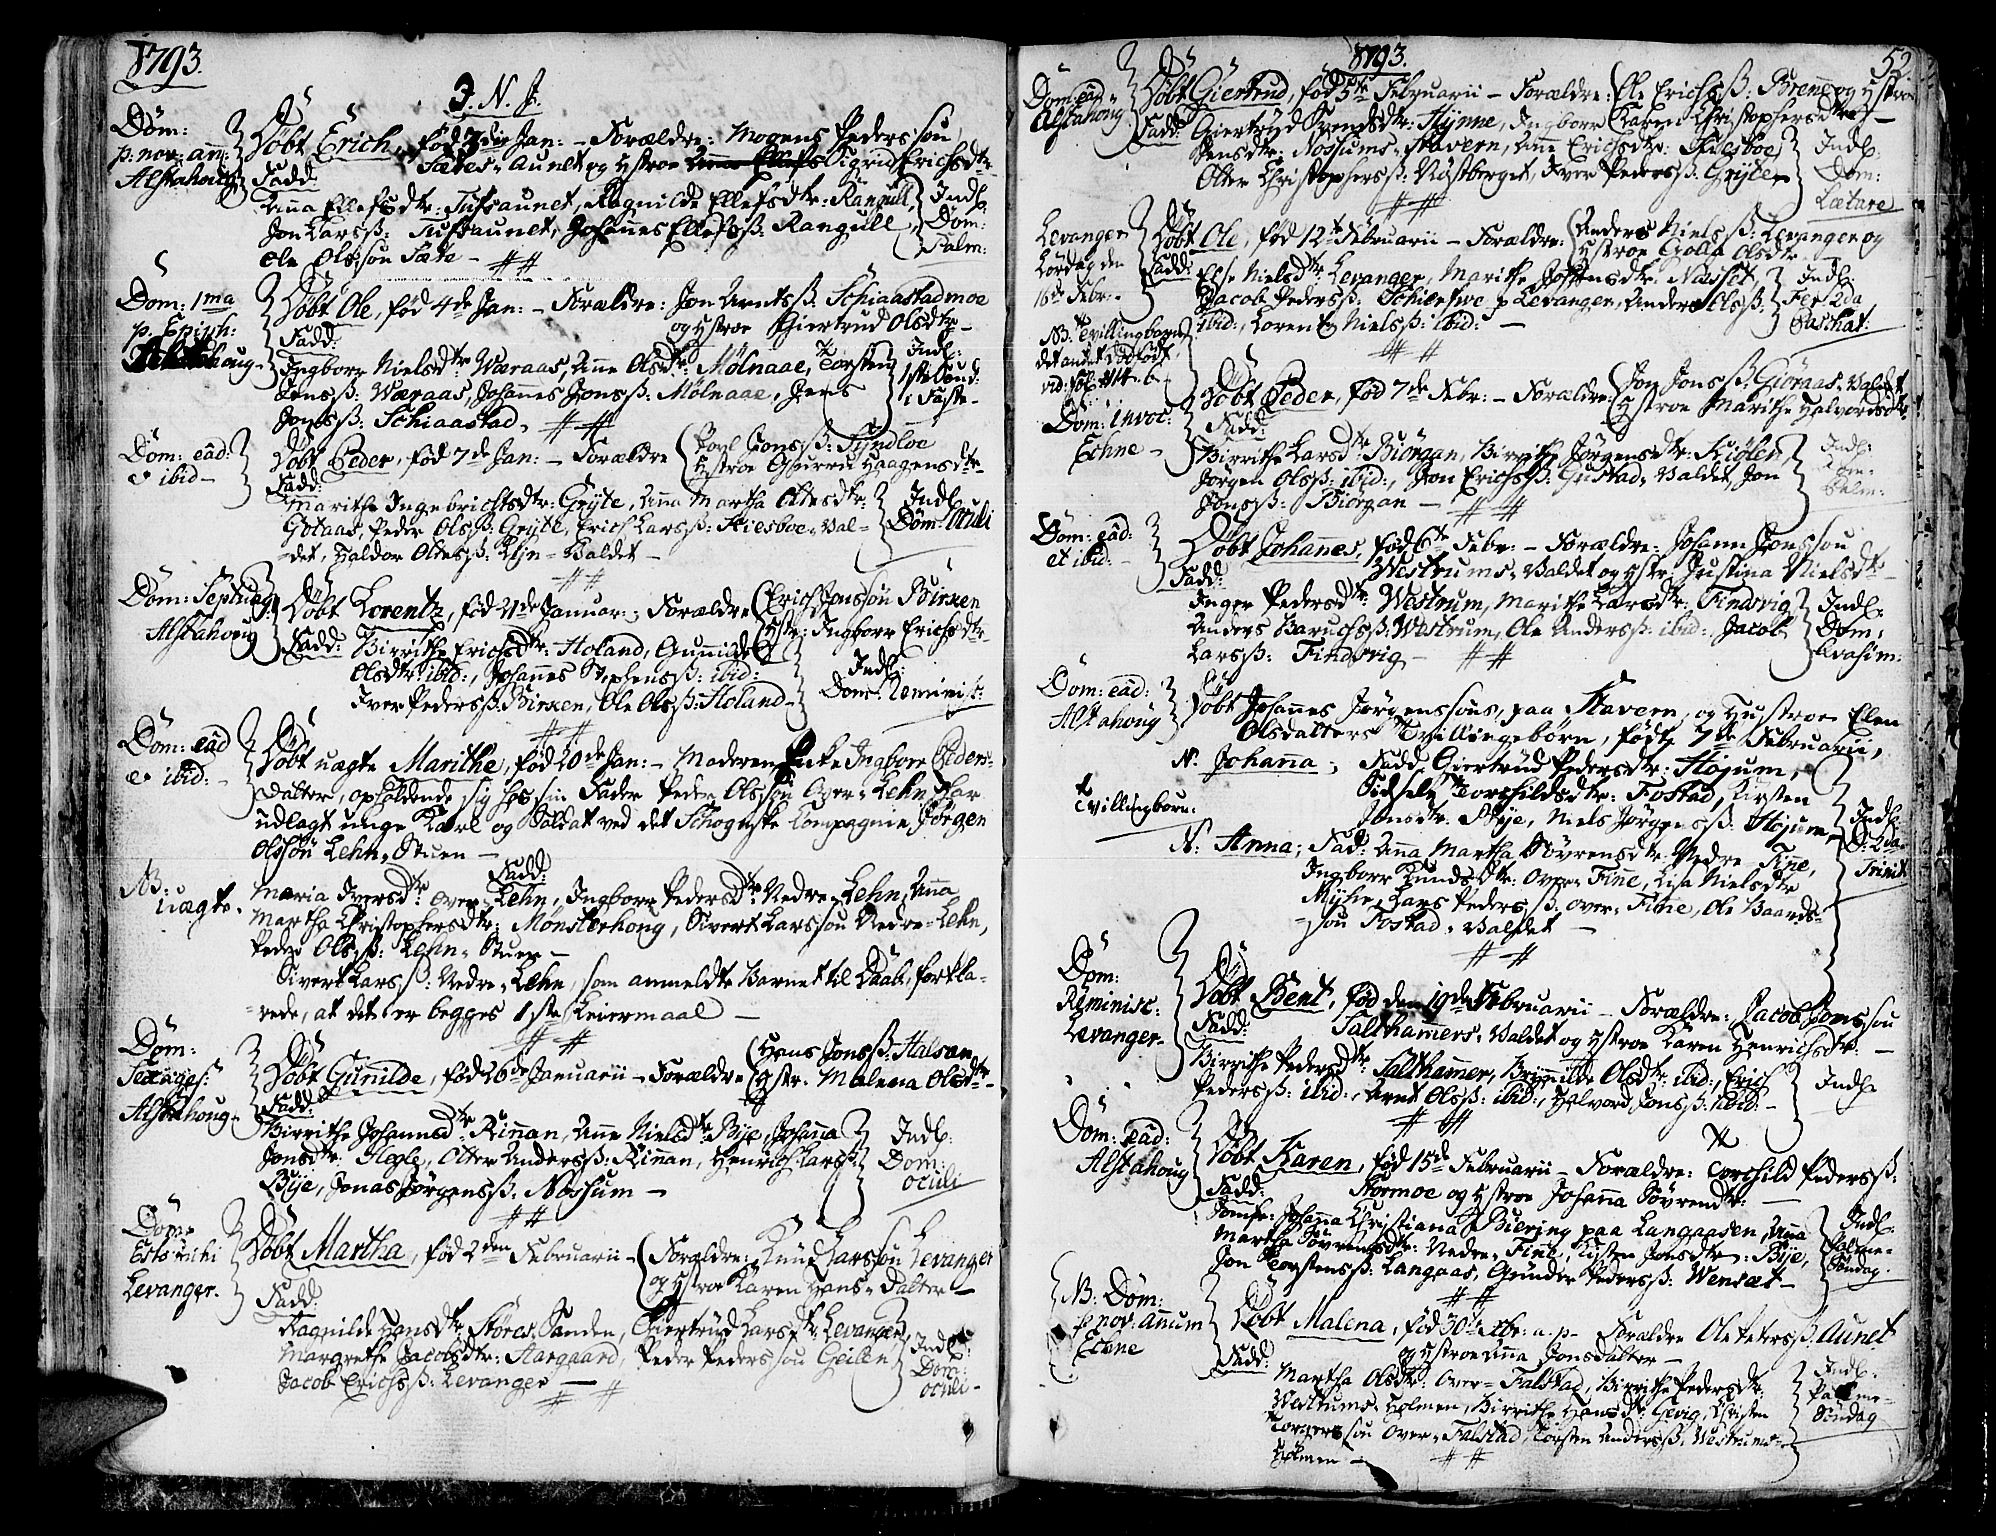 SAT, Ministerialprotokoller, klokkerbøker og fødselsregistre - Nord-Trøndelag, 717/L0142: Ministerialbok nr. 717A02 /1, 1783-1809, s. 52